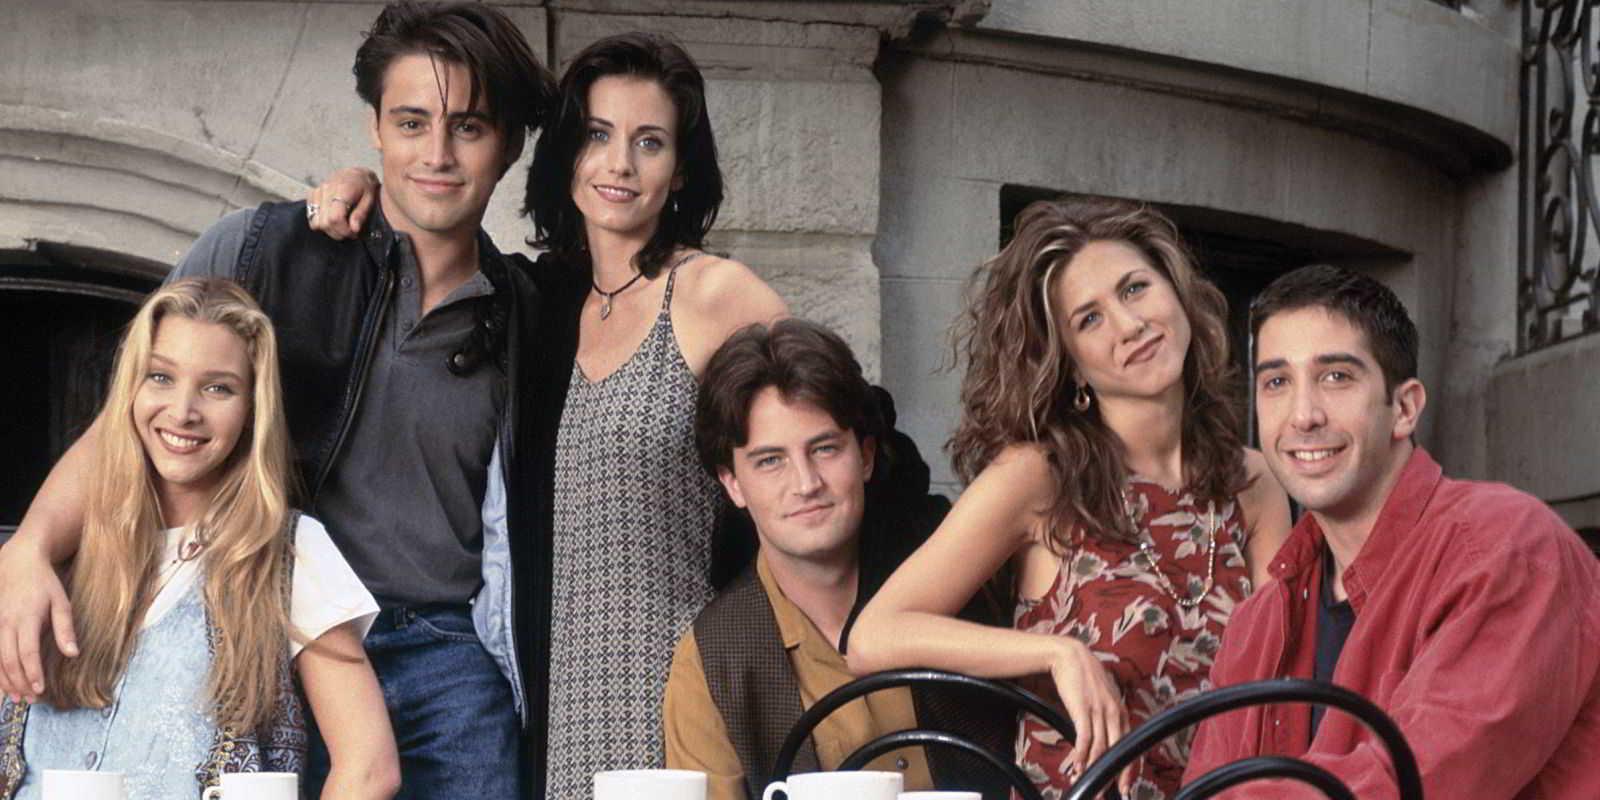 L'incredibile evento per festeggiare i 25 anni di Friends